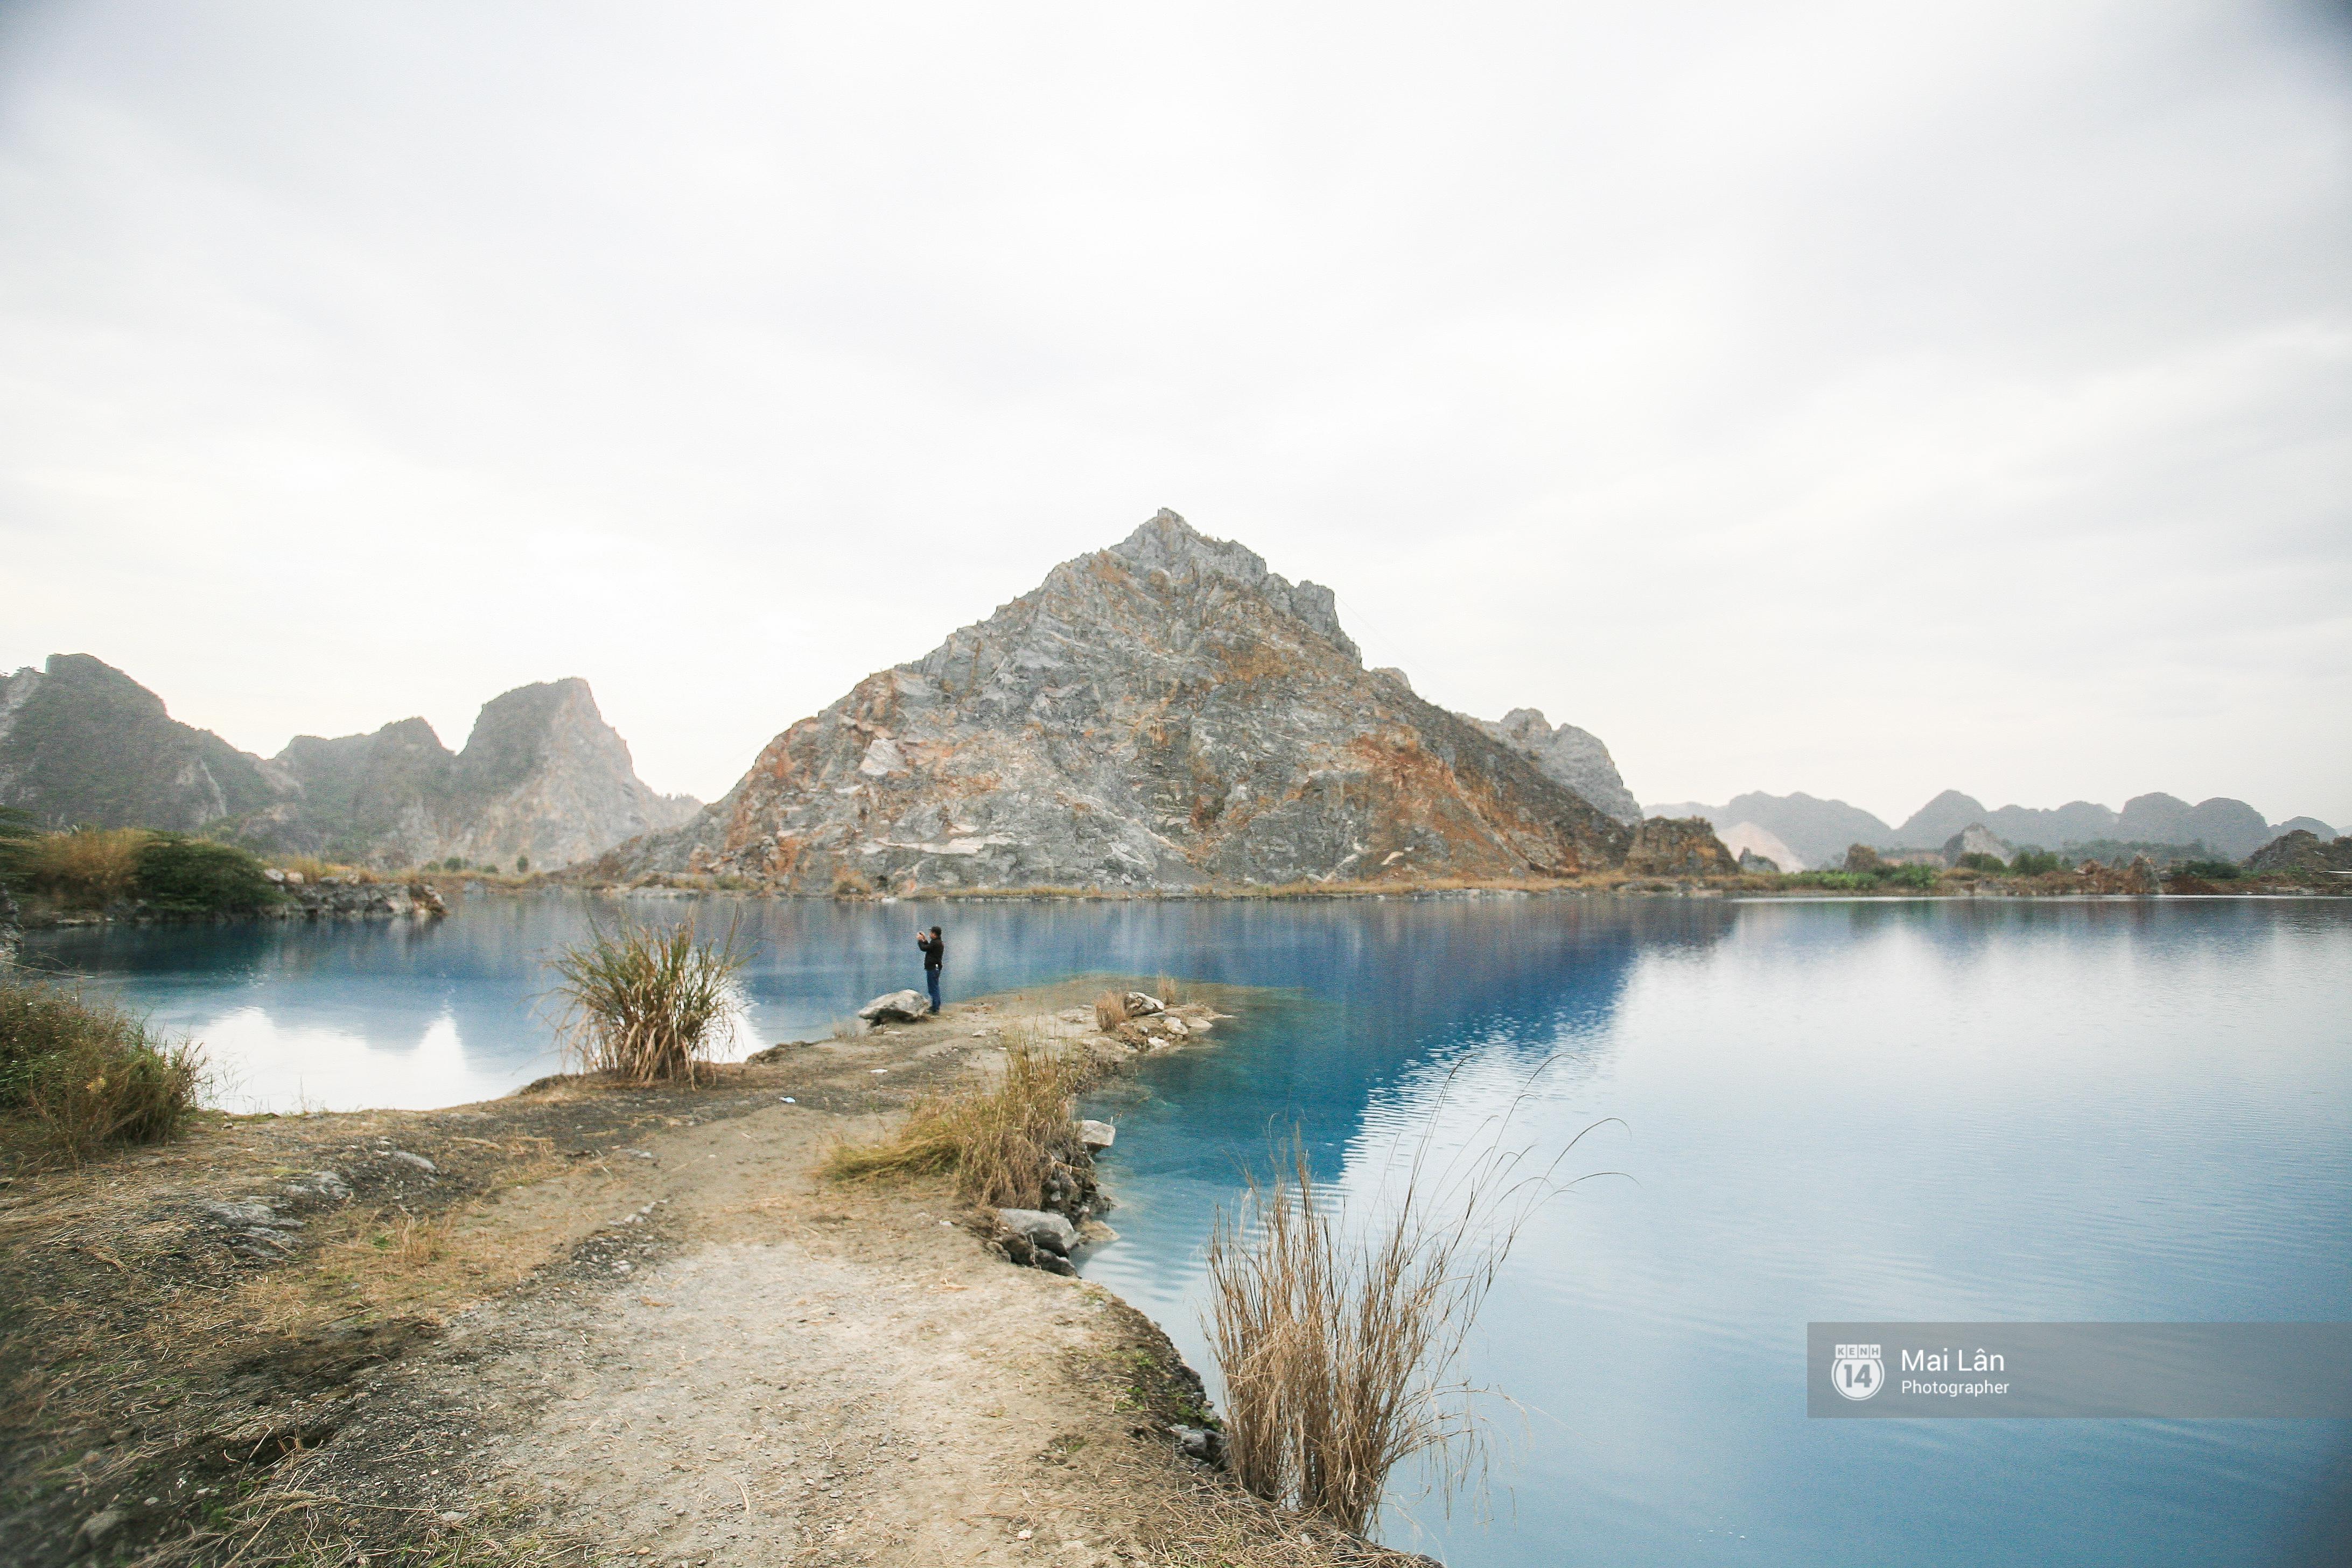 Hồ nước xanh ngắt kì lạ ở Hải Phòng: Địa điểm mới đang khiến giới trẻ xôn xao - Ảnh 3.